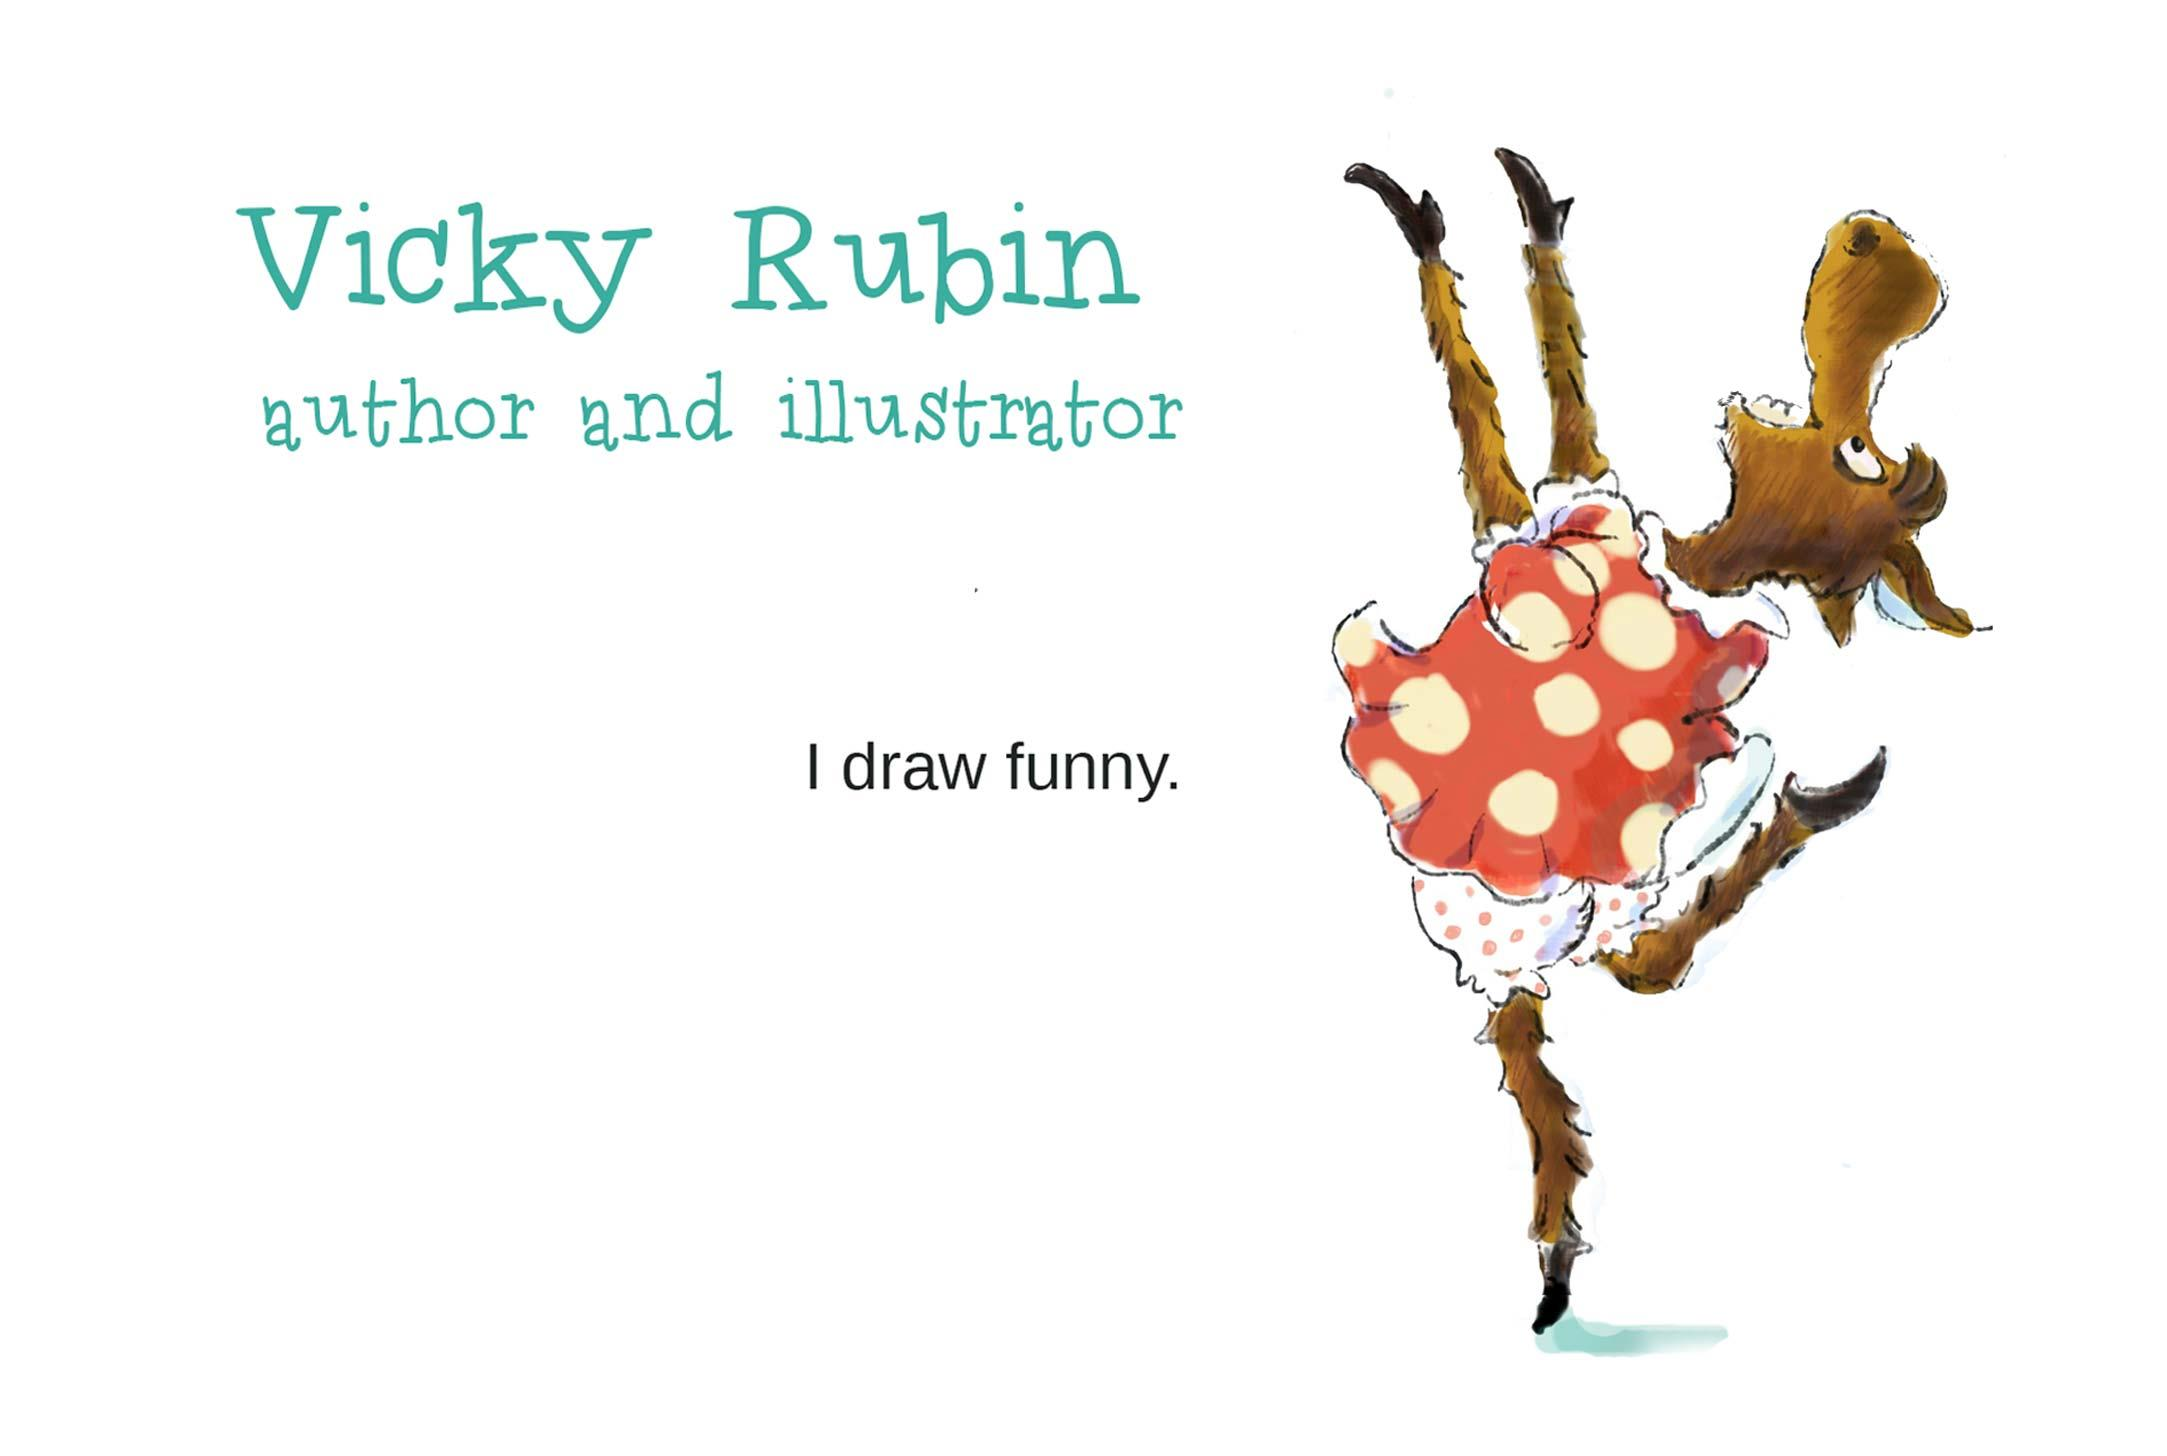 vicky rubin i draw funny